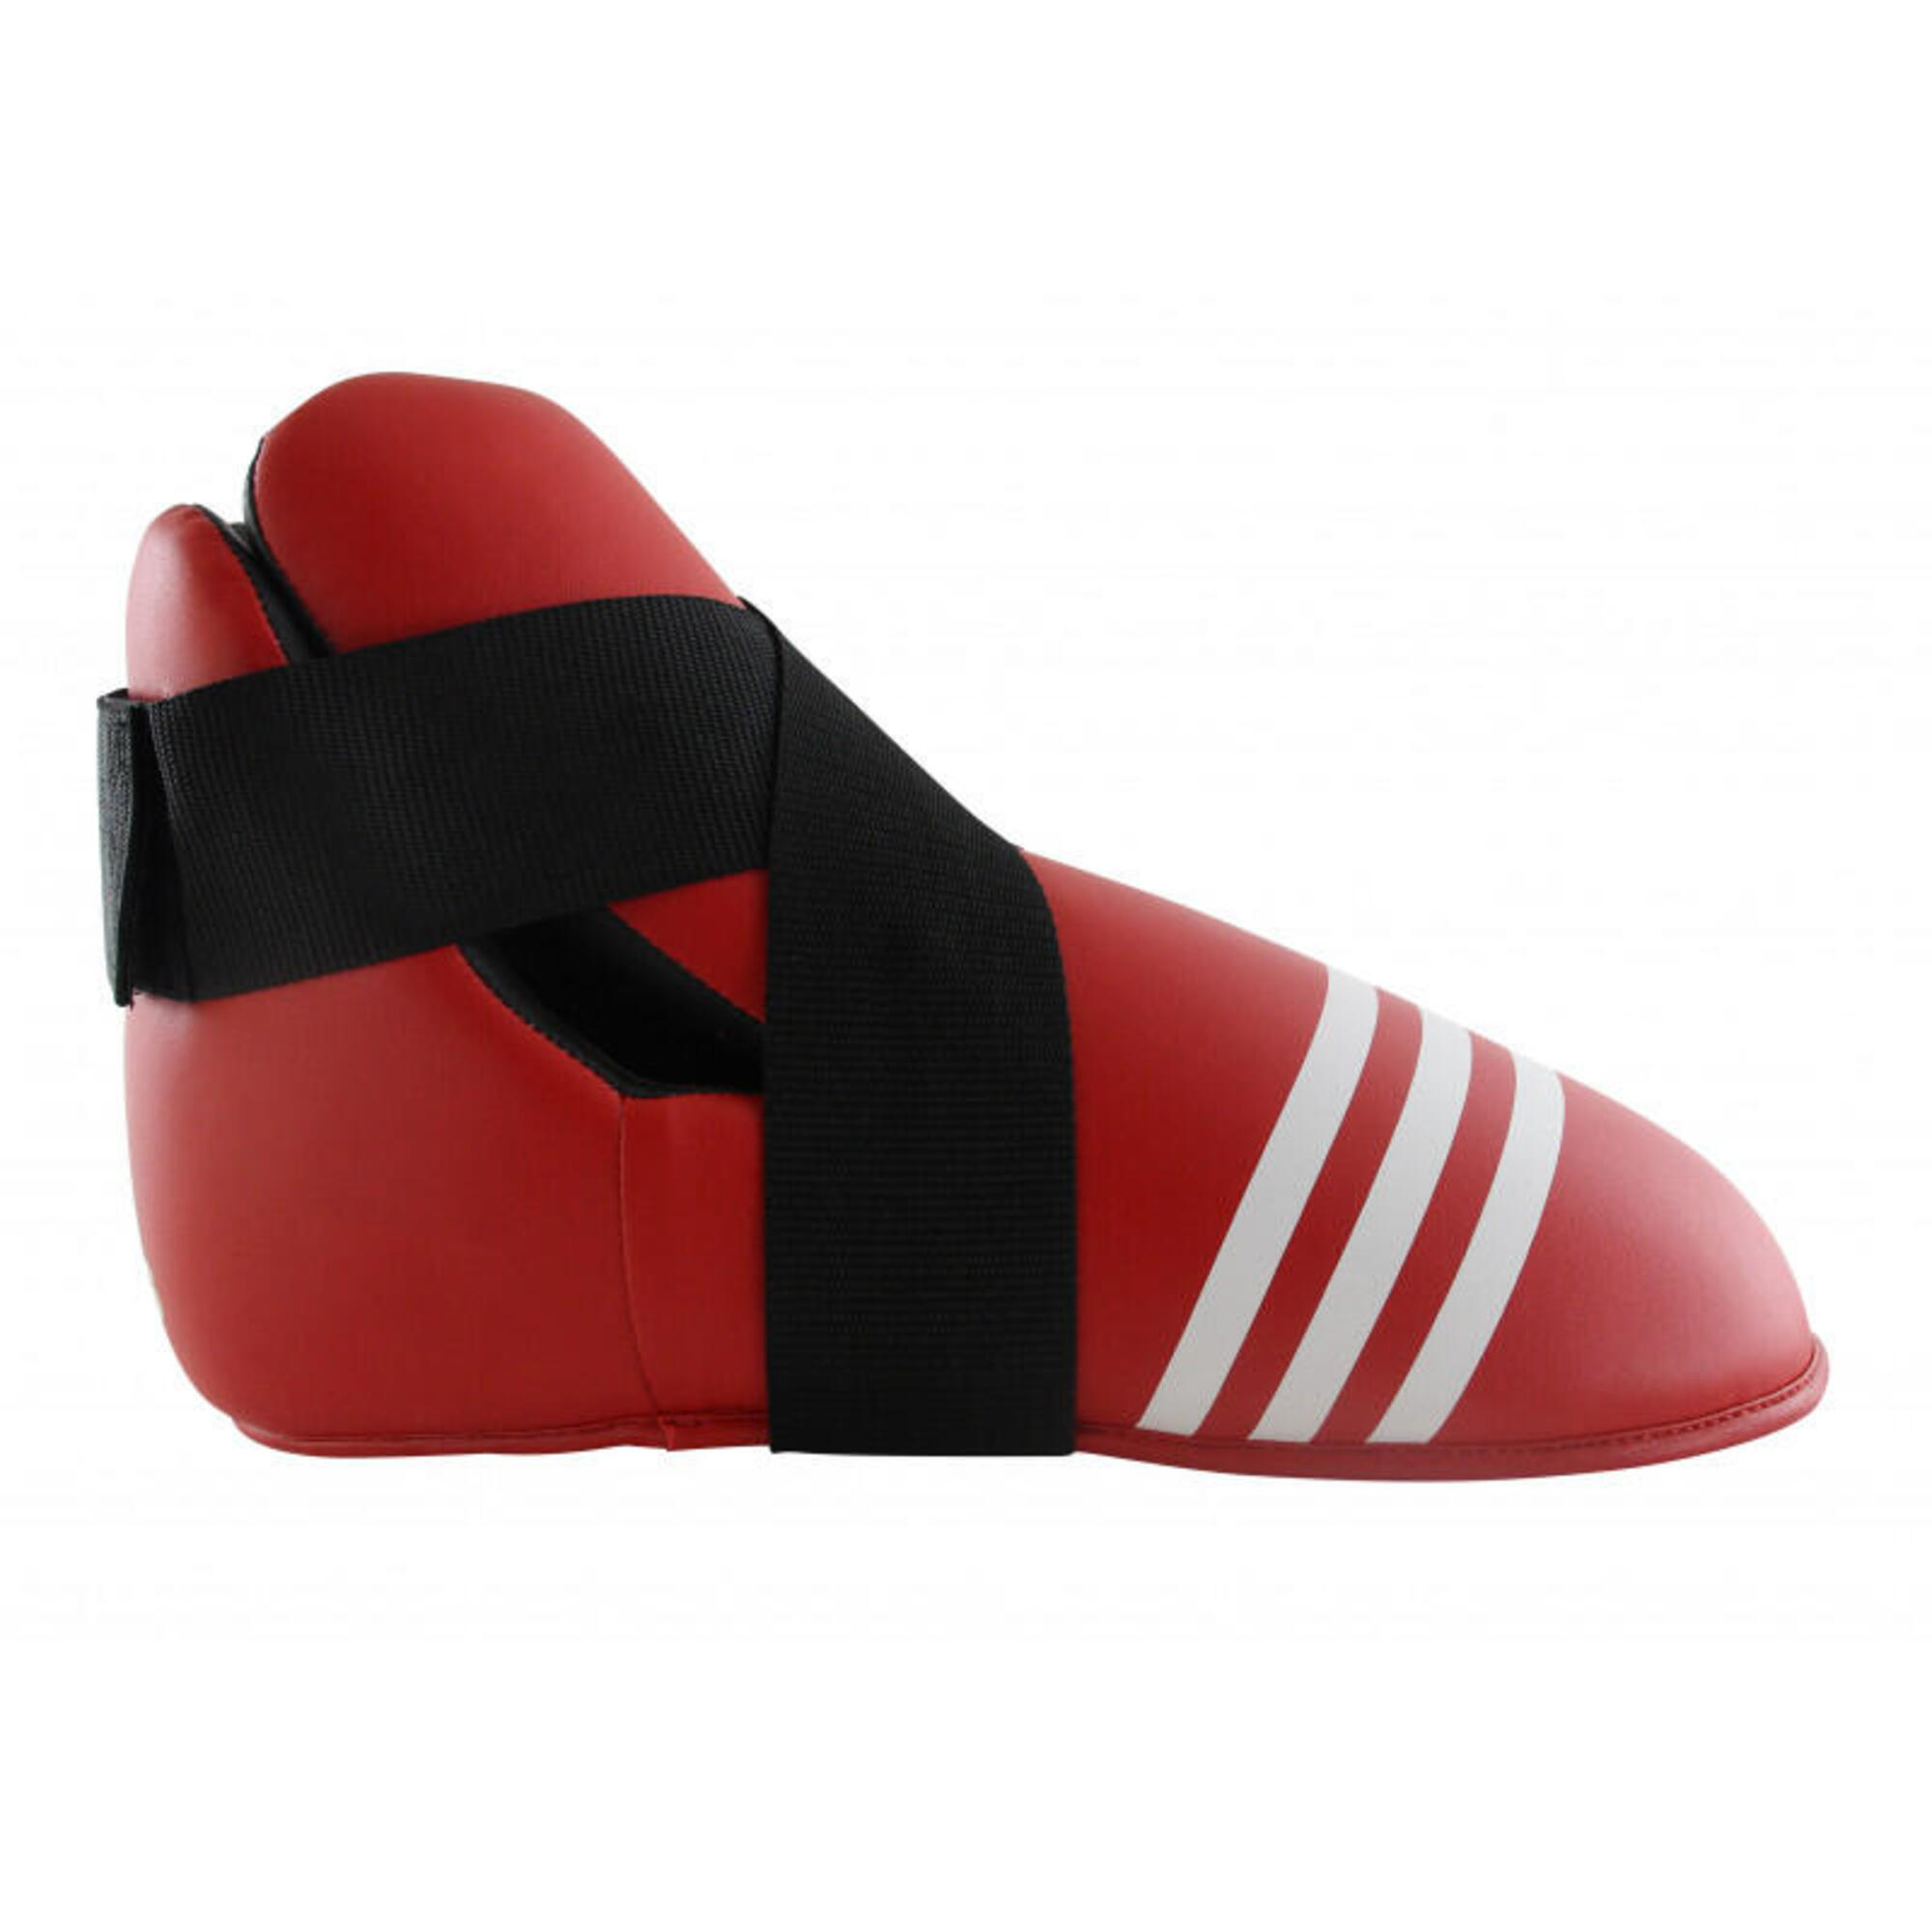 Adidas voetbeschermer speciaal full-contact